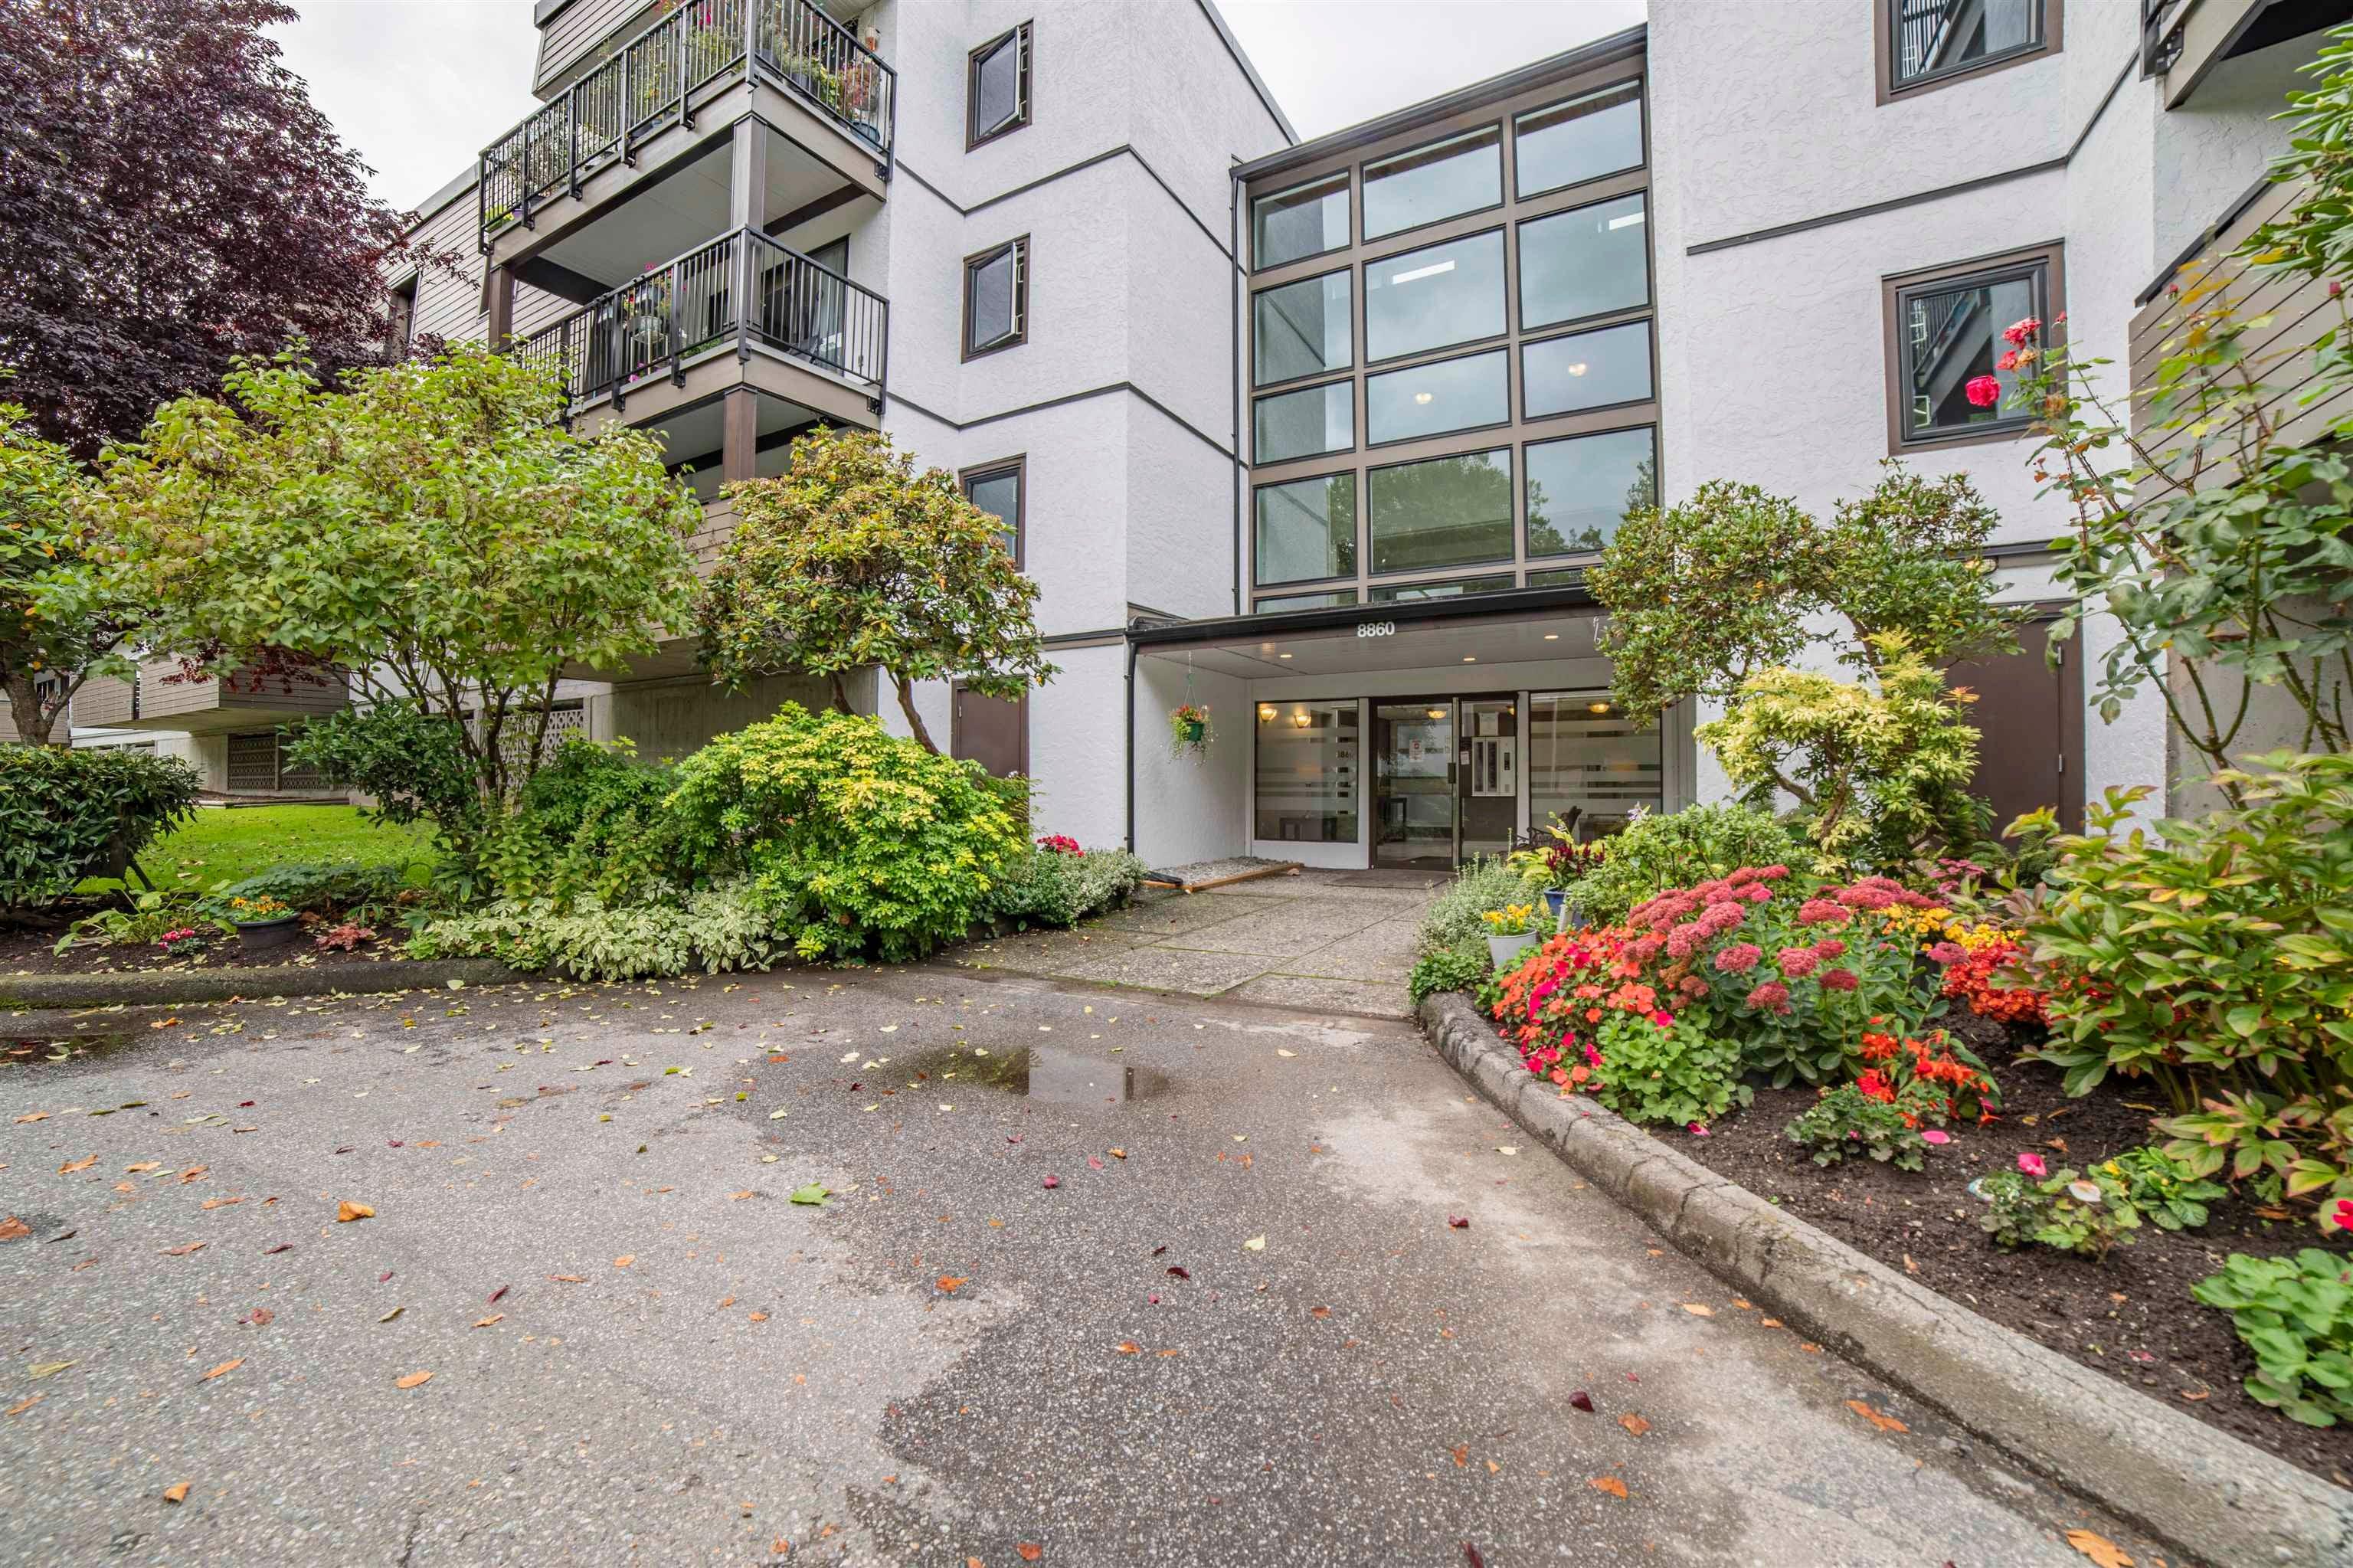 324 8860 NO. 1 ROAD - Boyd Park Apartment/Condo for sale, 2 Bedrooms (R2621510)